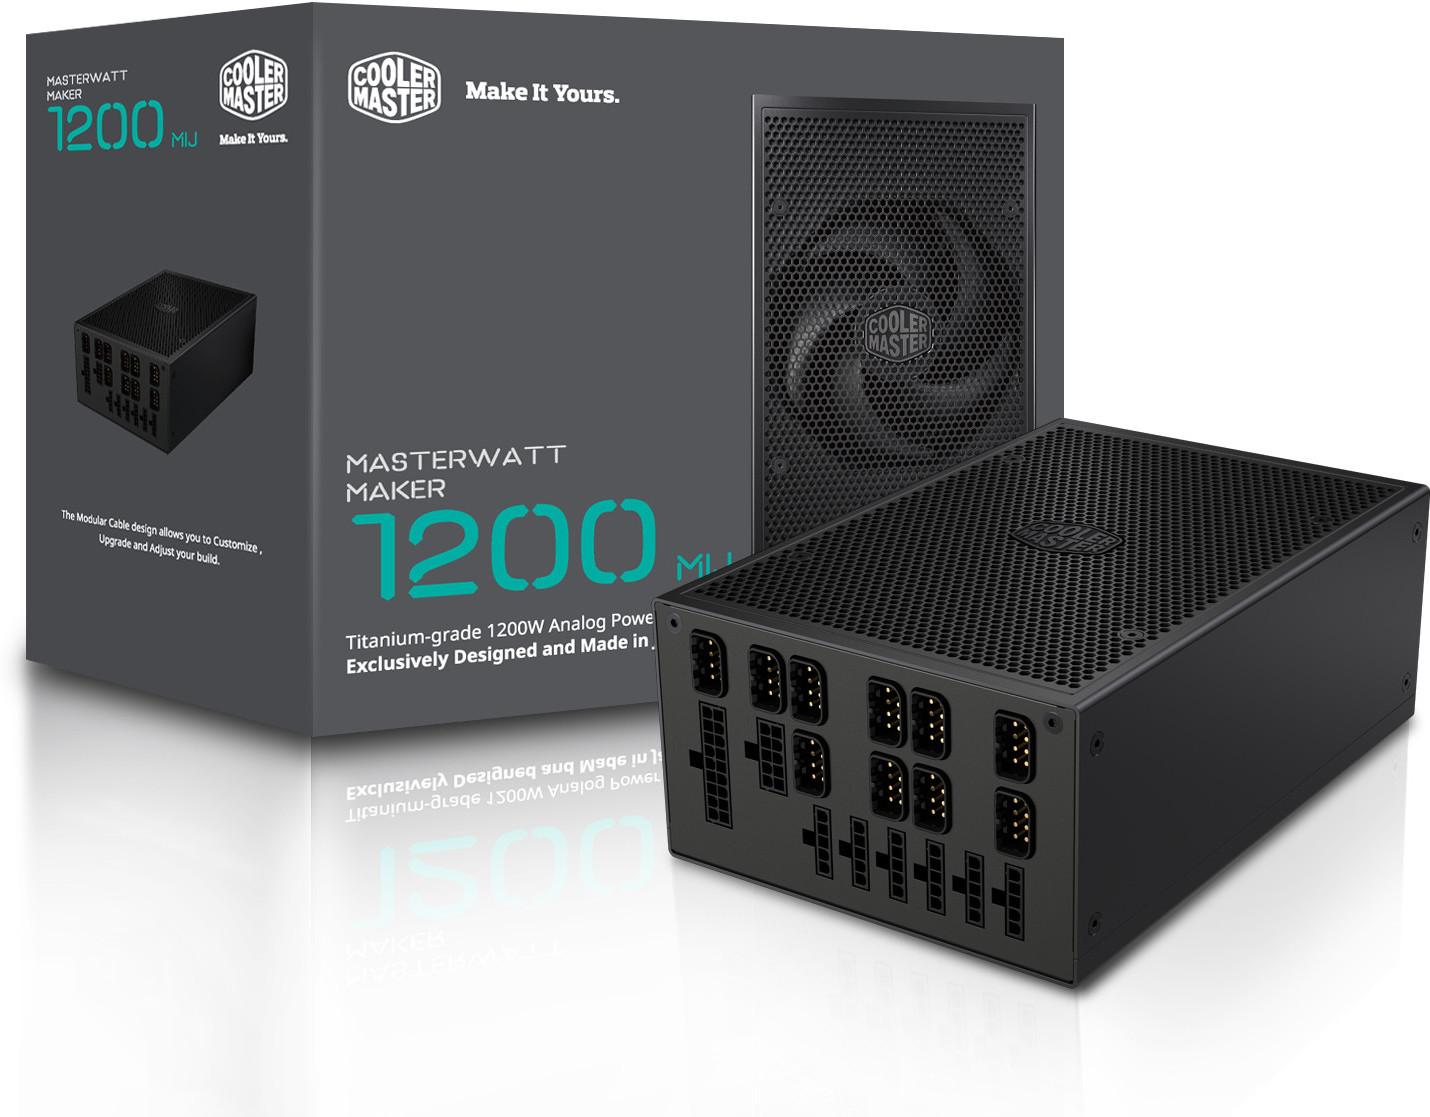 Cooler Master Announces the MasterWatt Maker 1200 MIJ Power Supply ...